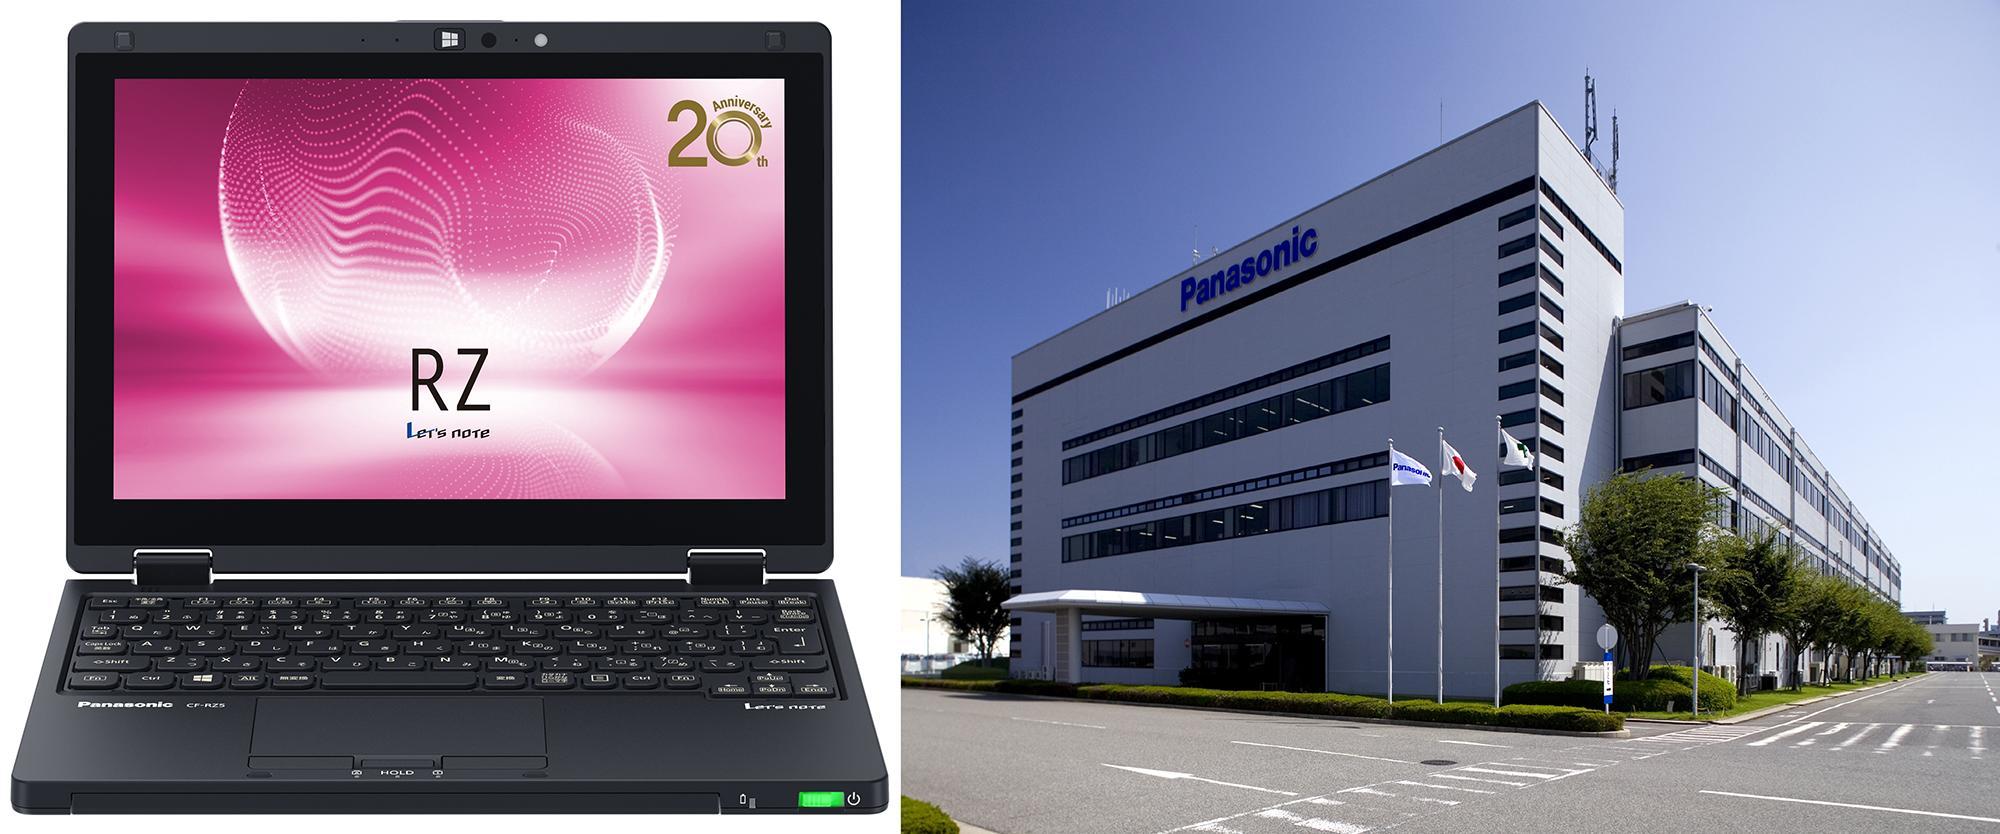 【レッツノート20周年記念】パソコン組み立てと工場見学ができる「Panasonic Store工房」